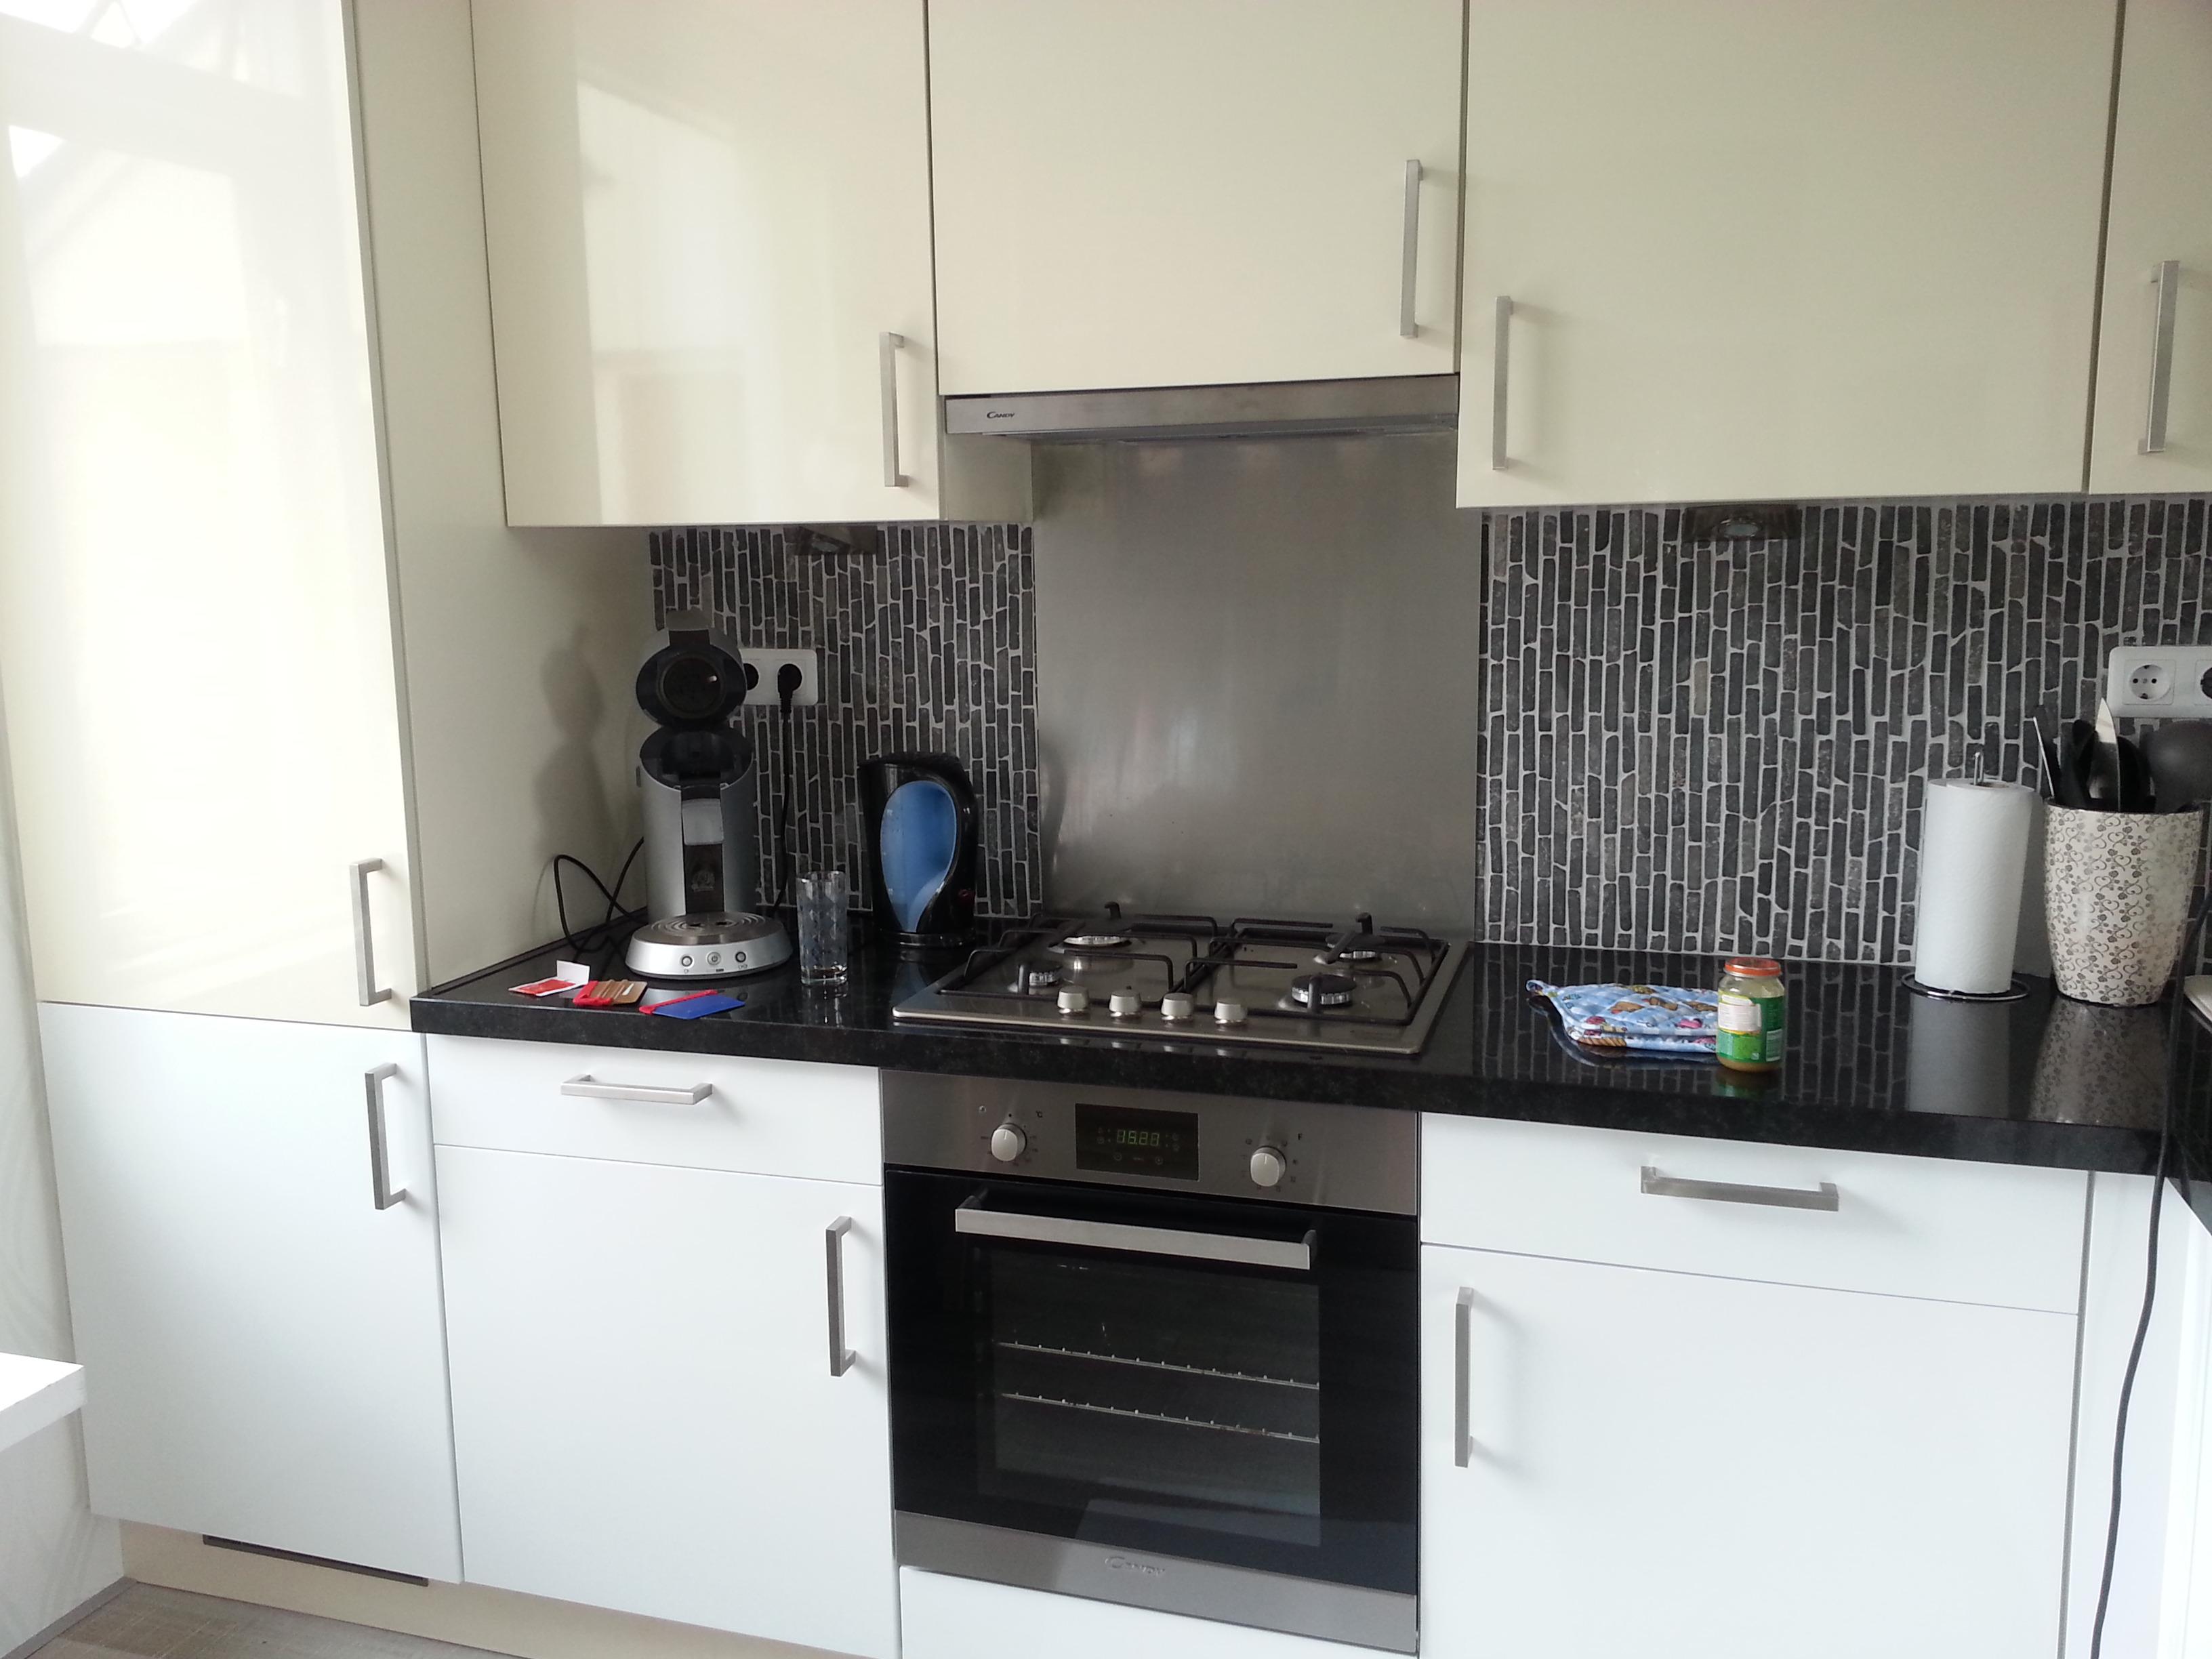 keuken wandtegels karwei : Geel Tegels Keuken Creatieve Idee N Voor Home Design